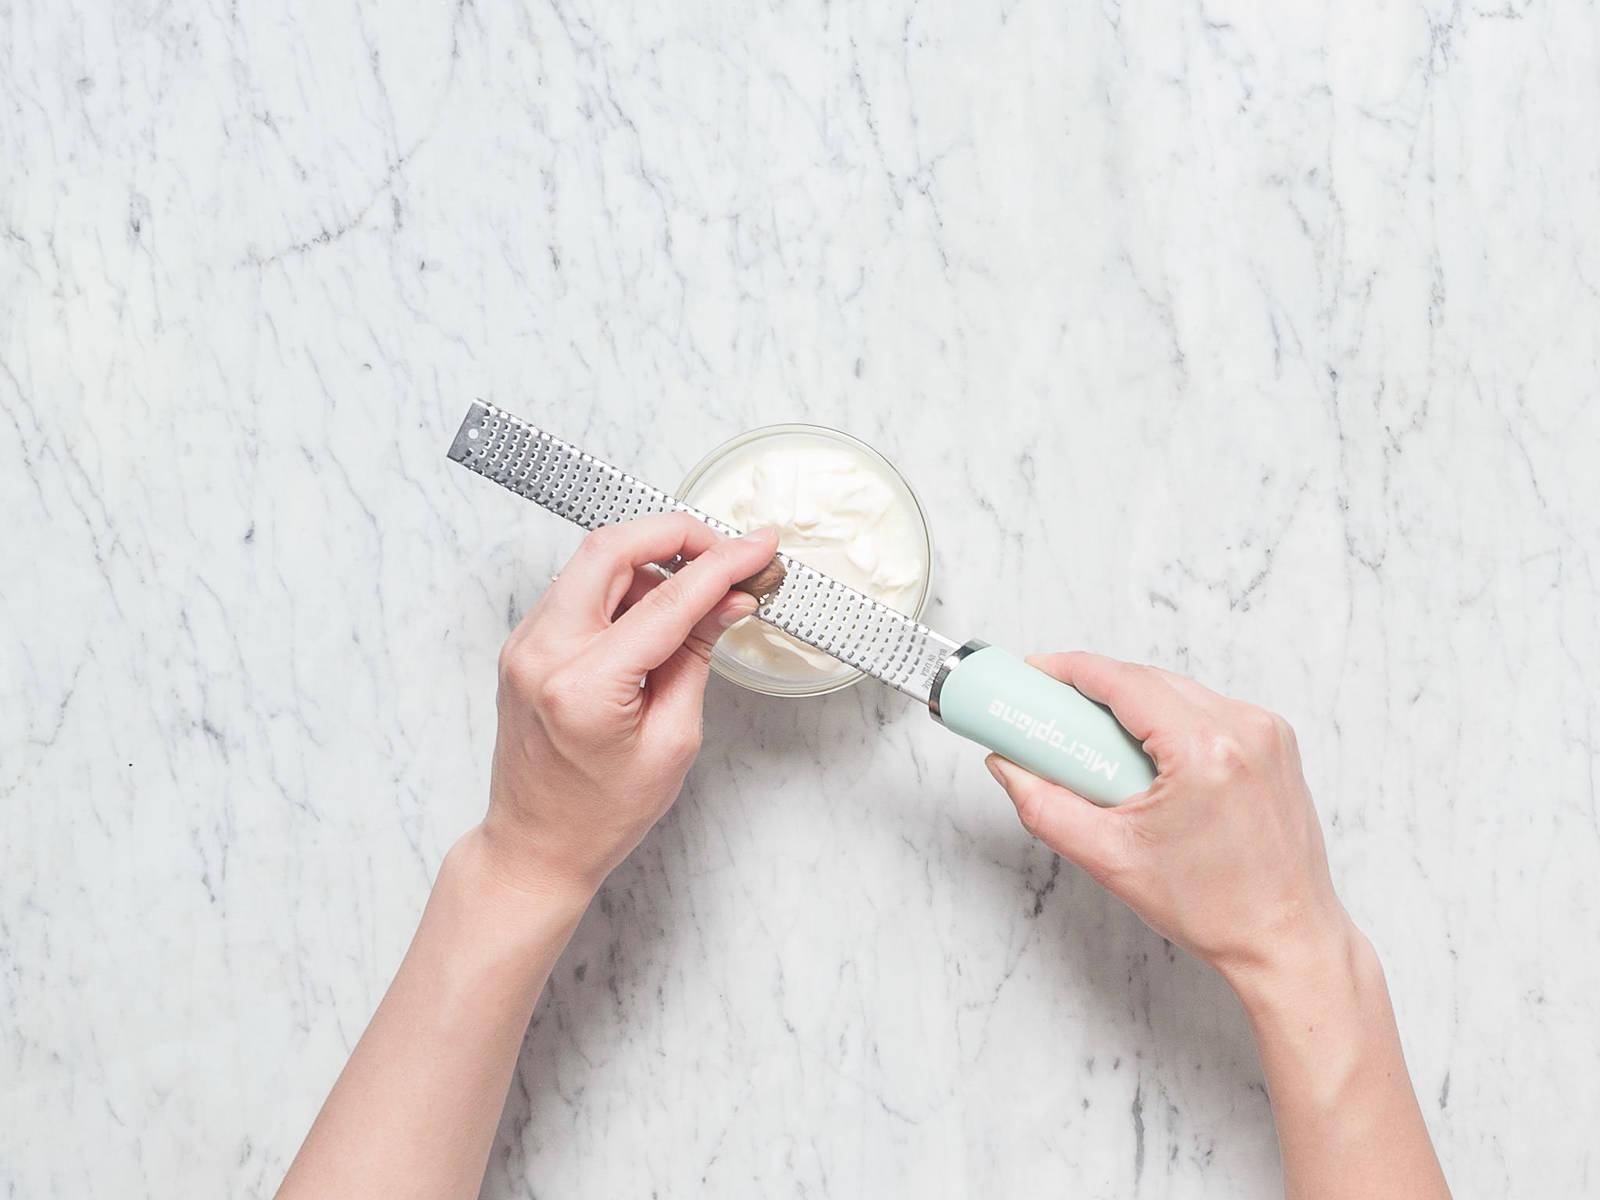 In einer kleinen Rührschüssel Crème fraîche mit Muskat und Pfeffer abschmecken. Schinkenspeck in Würfel schneiden. Zwiebeln in dünne Ringe schneiden. Schnittlauch fein hacken und beiseitestellen.